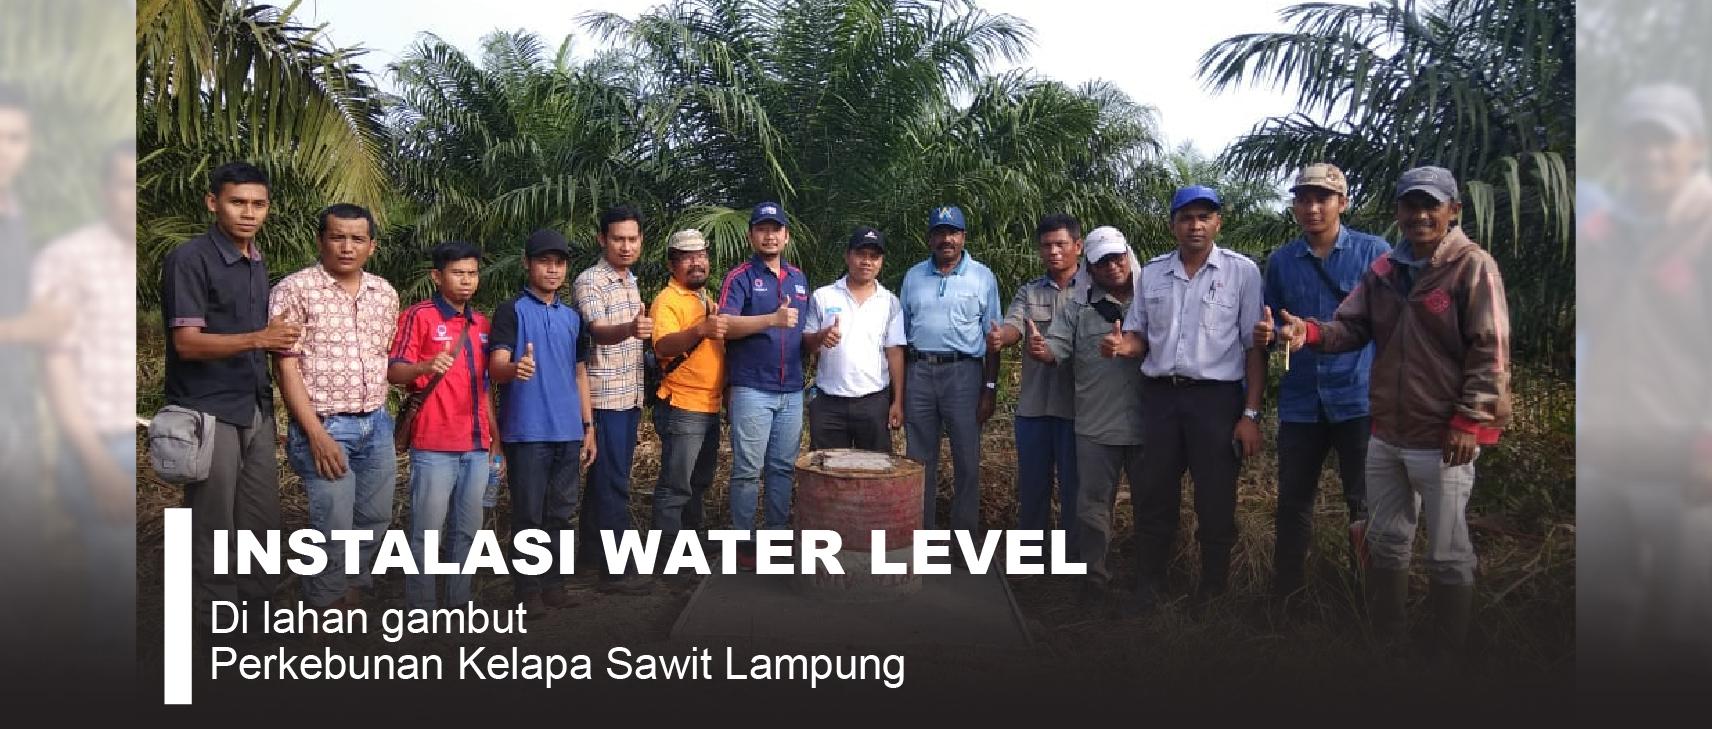 Installasi Dan Pelatihan Water Level di PT. Bangun Tata Lampung Asri